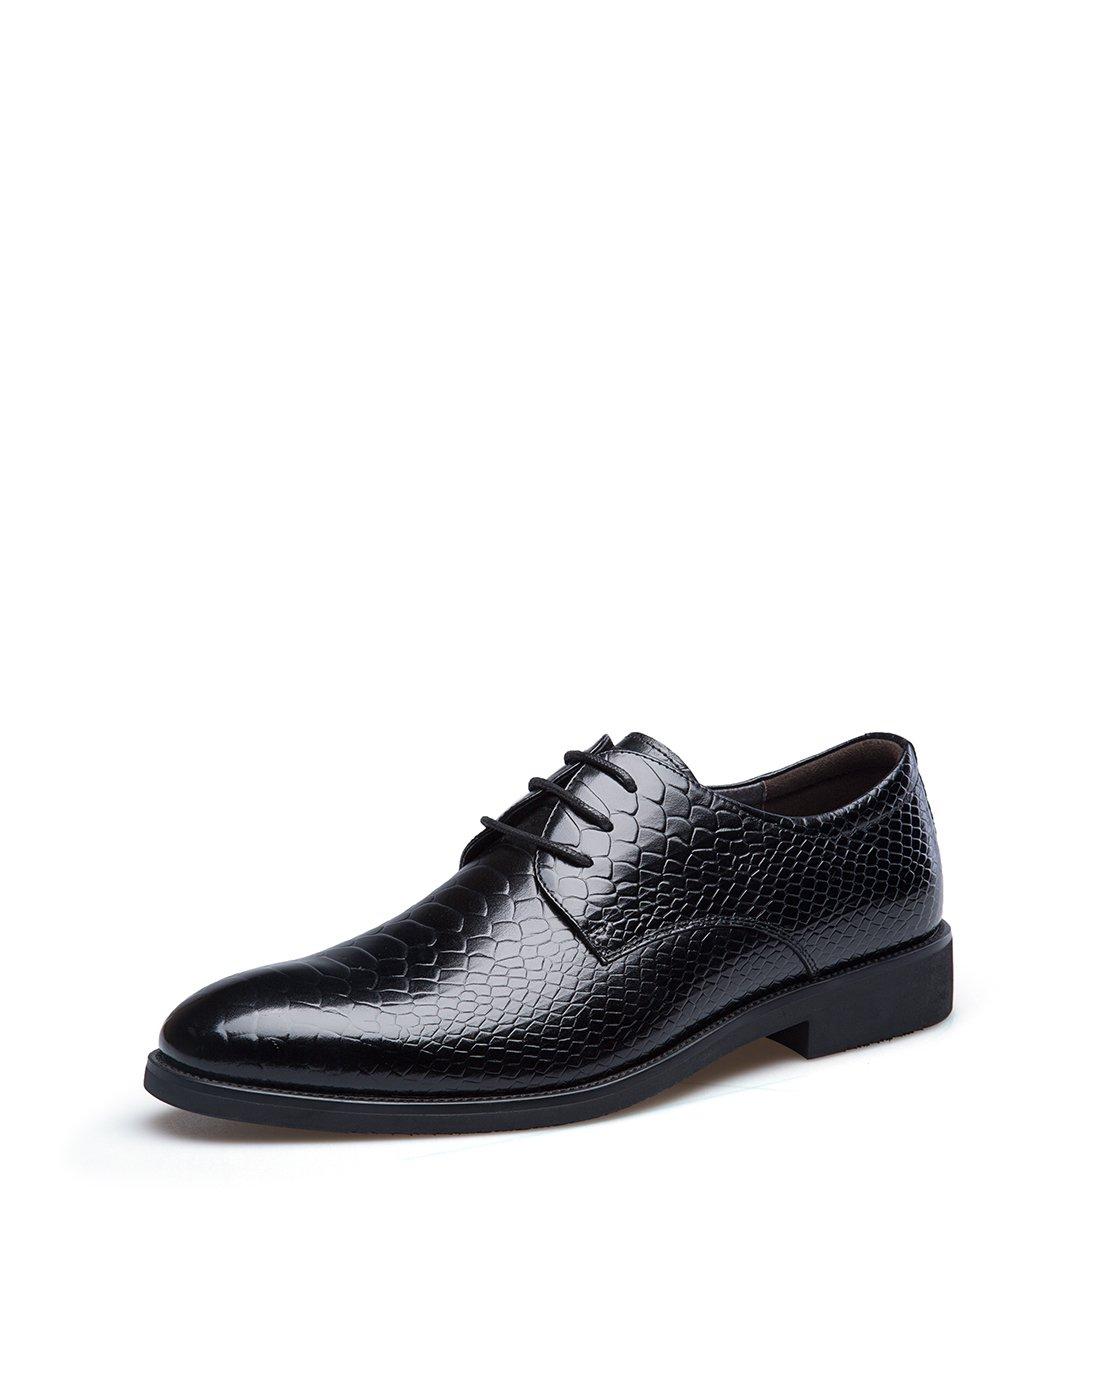 男士蛇皮纹牛皮系带商务正装皮鞋男鞋